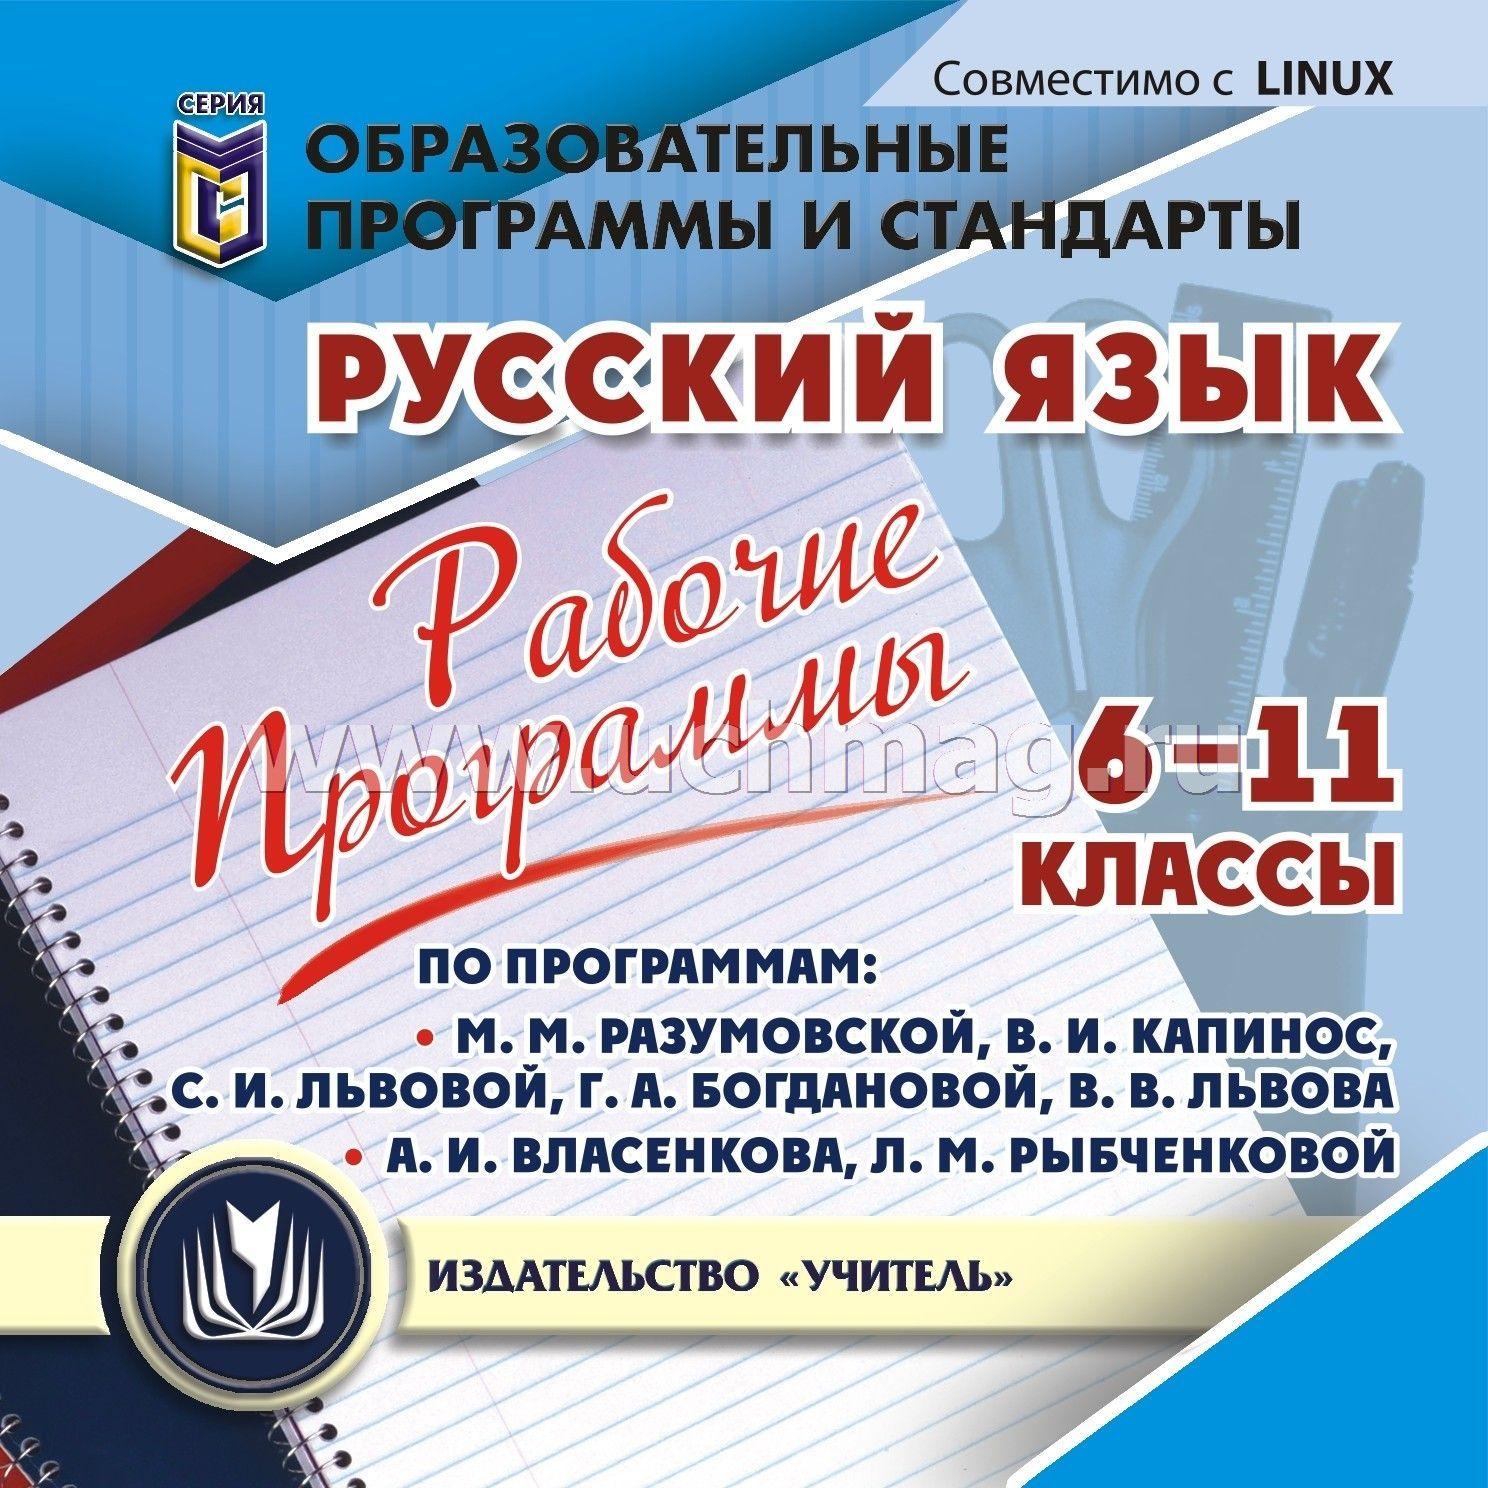 Программа львовой по русскому языку скачать